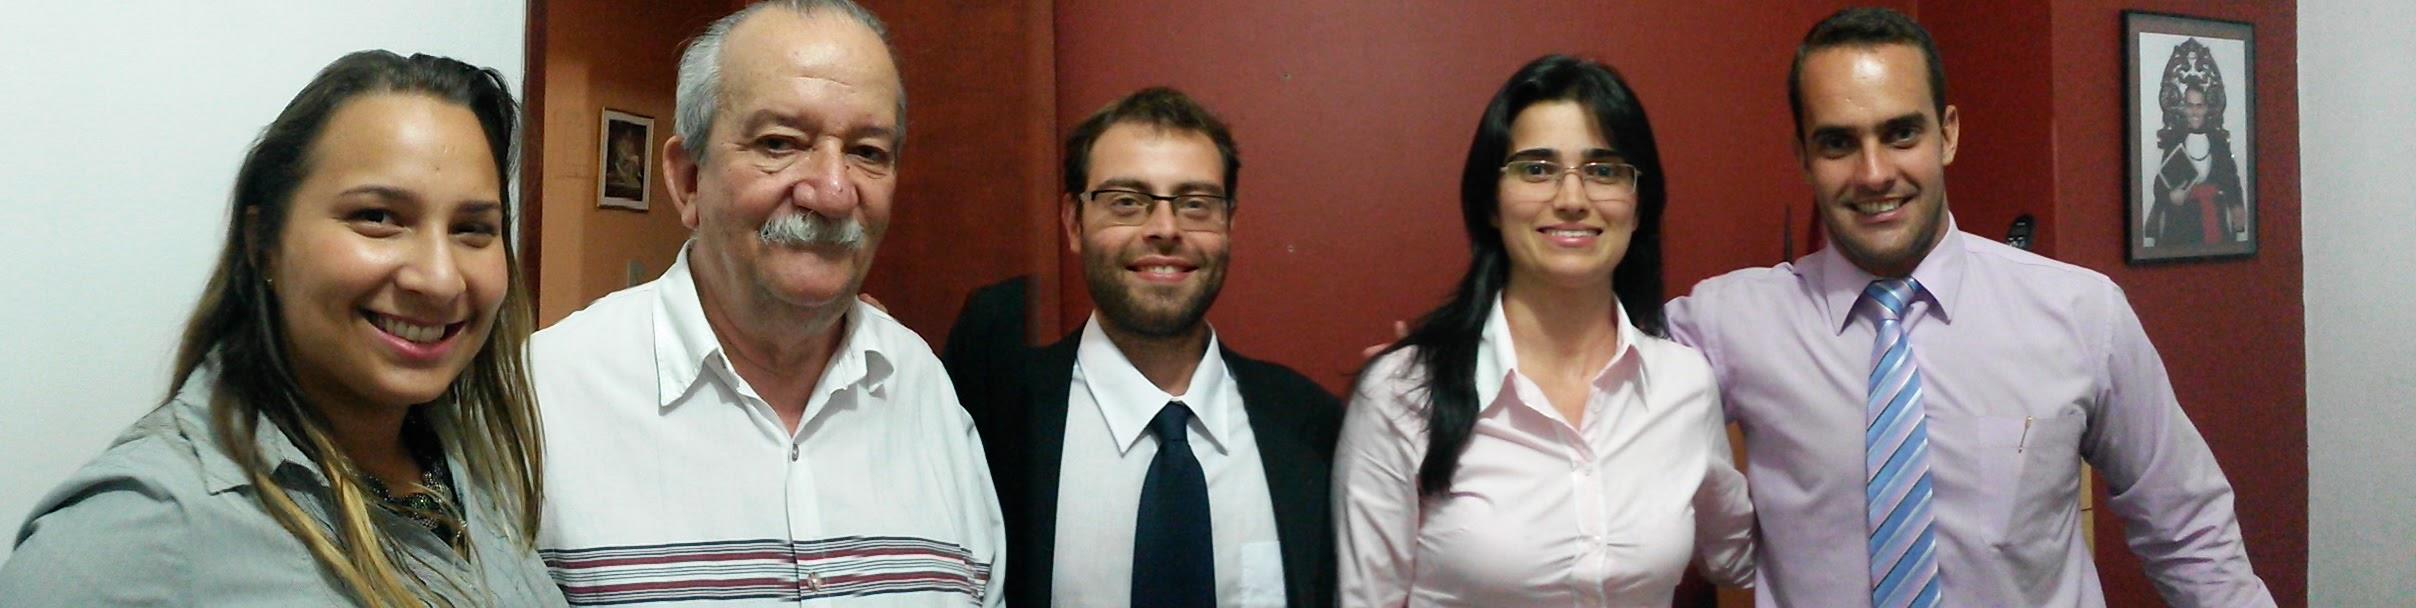 COMPOSIÇÃO DA EQUIPE EM 2014 - DRA. MAYRA SANTANA, NEI SÁ, DR. RAFAEL MARTINO, DRA. SHIRLEI RIBEIRO E DR. THOMAS BERNARDES